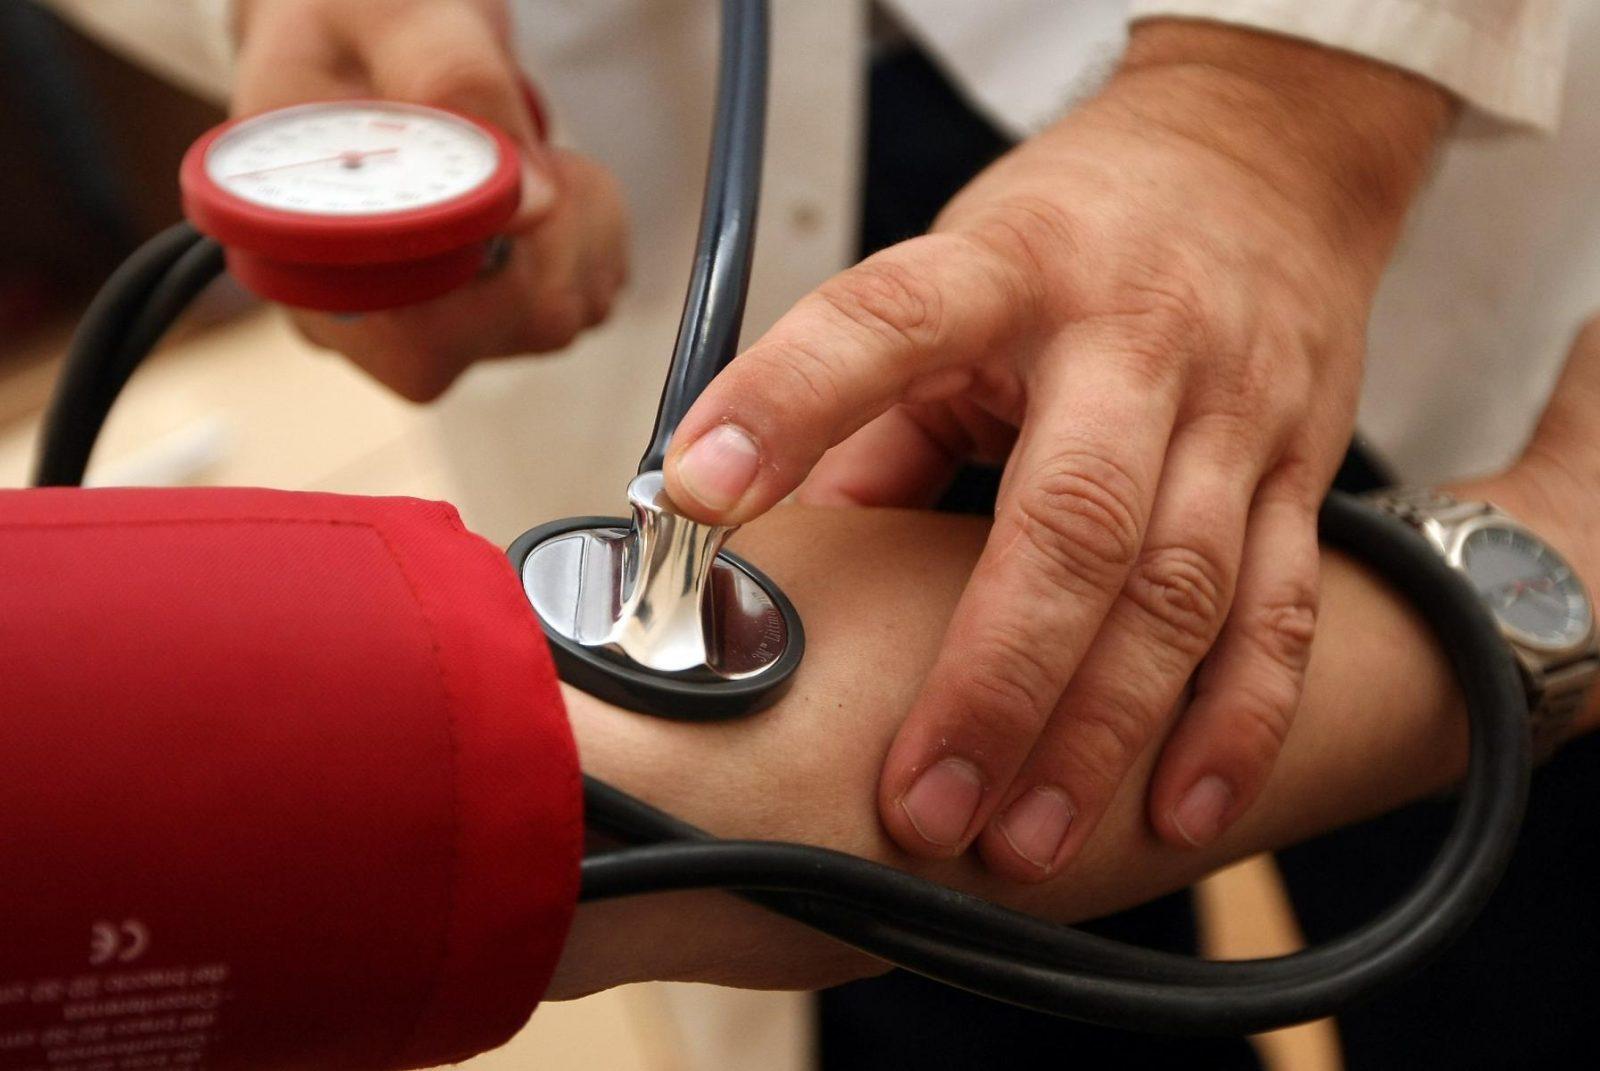 krónikus magas vérnyomás 3 fok magas vérnyomás elleni betegképzés